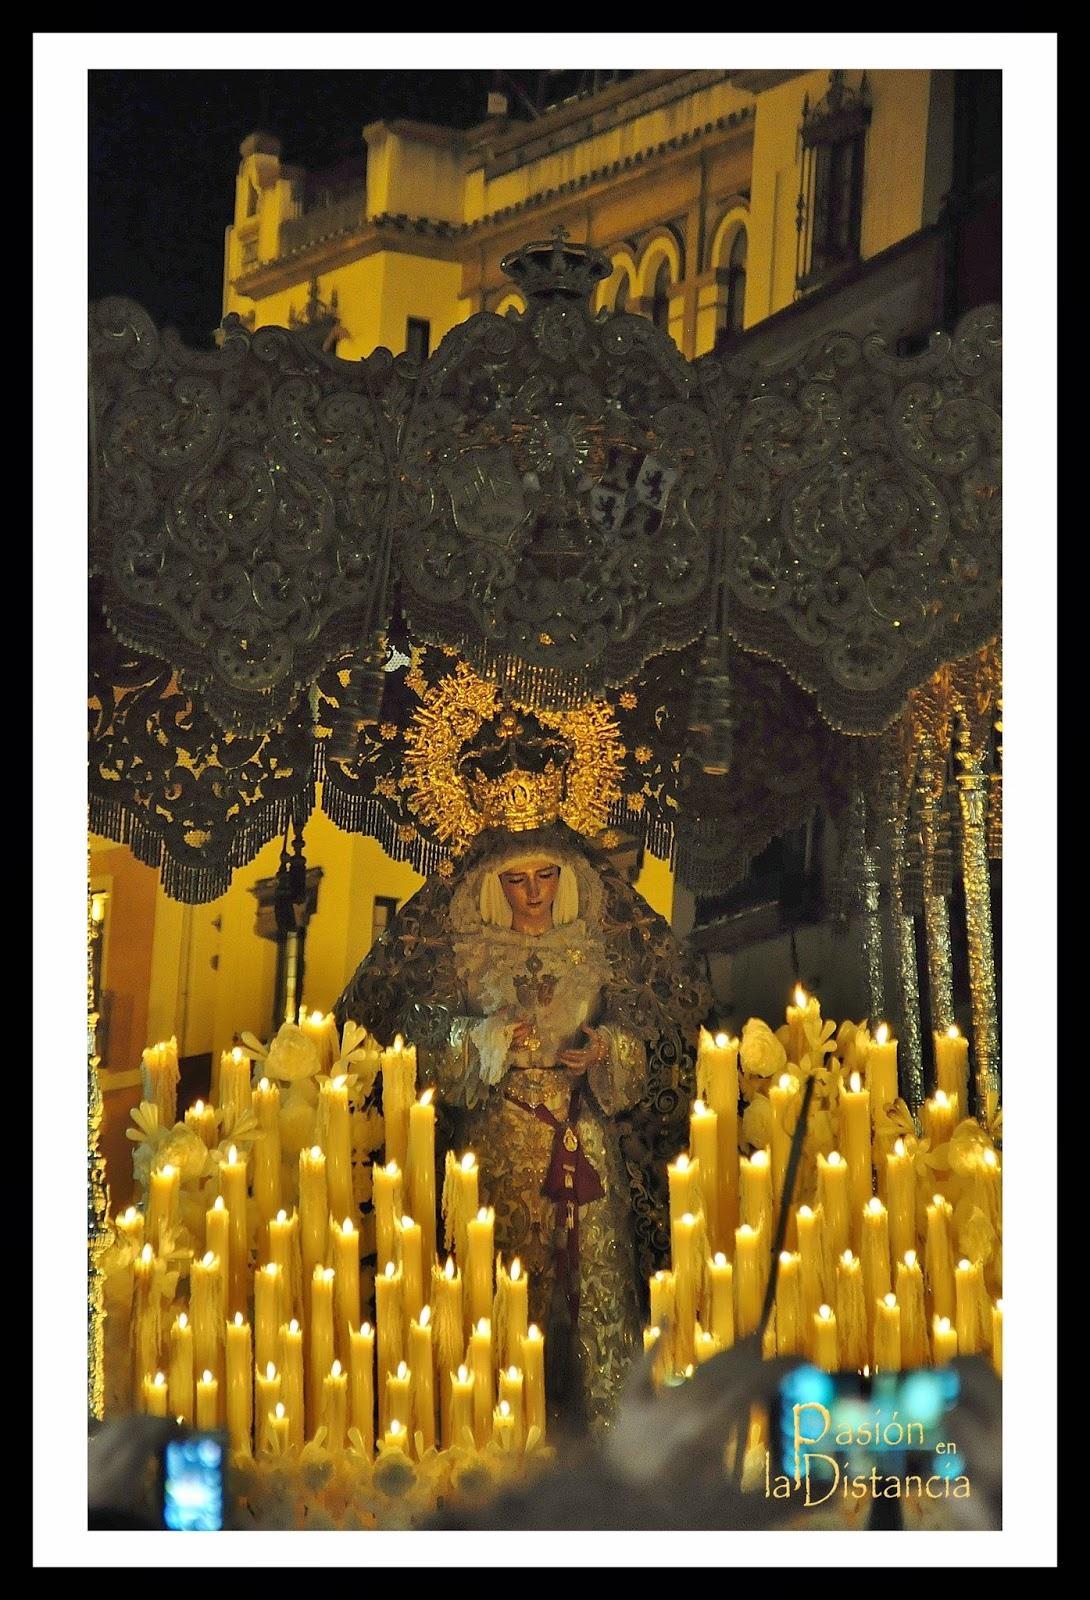 Virgen de Gracia y Esperanza San Roque Domingo de Ramos 2014 en Alfalfa